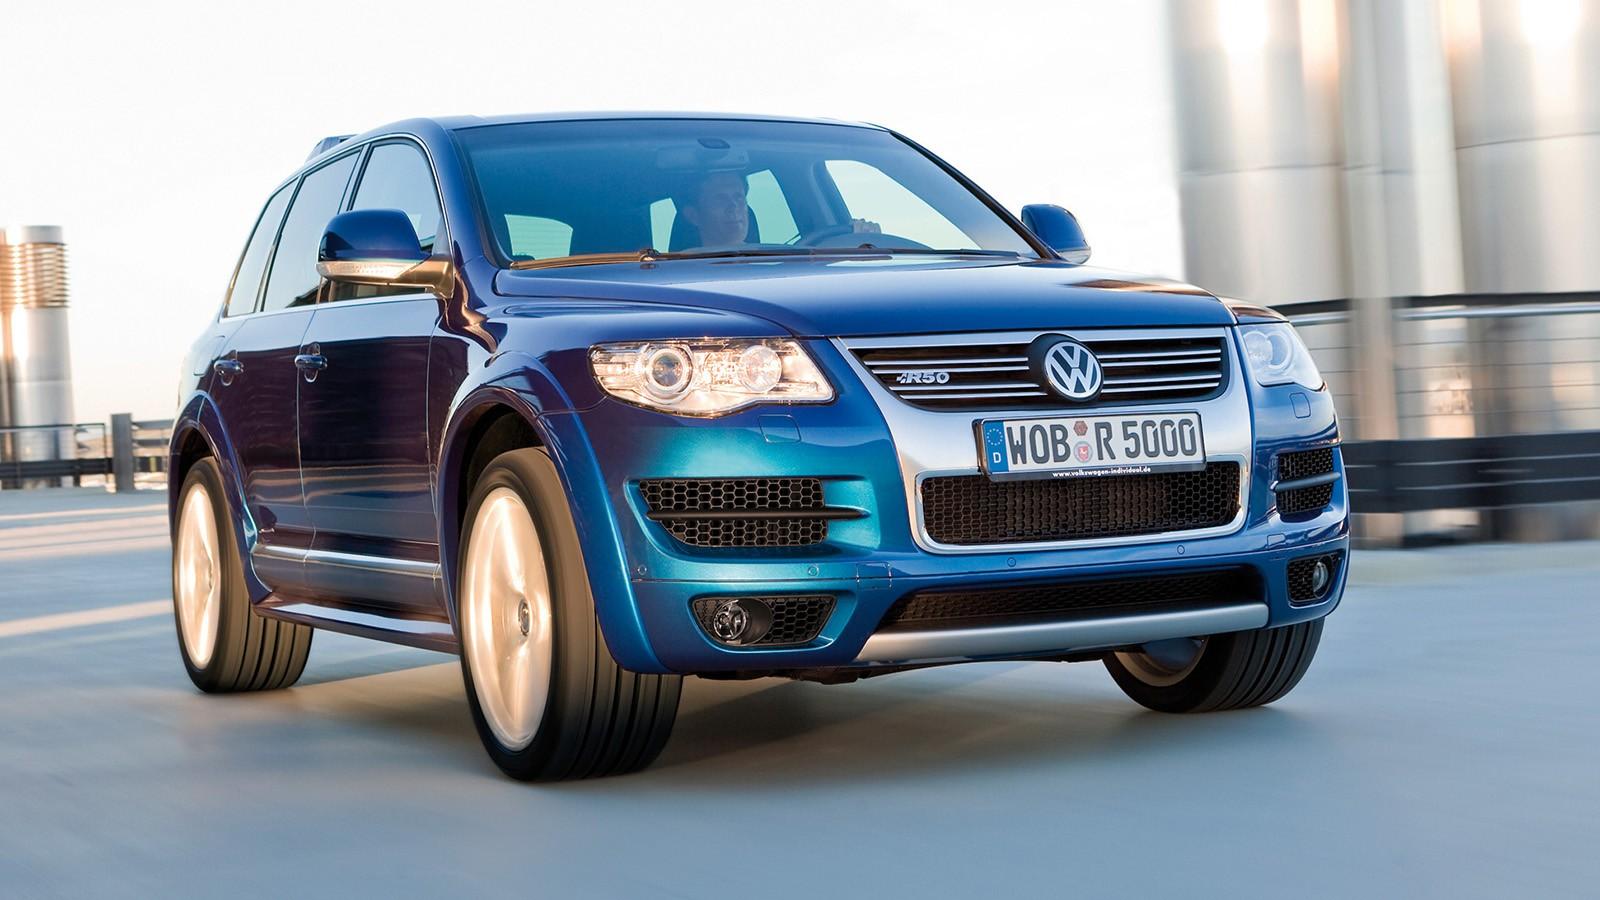 На фото: Volkswagen Touareg R50, оснащённый пятилитровым V10 мощностью 350 л.с.